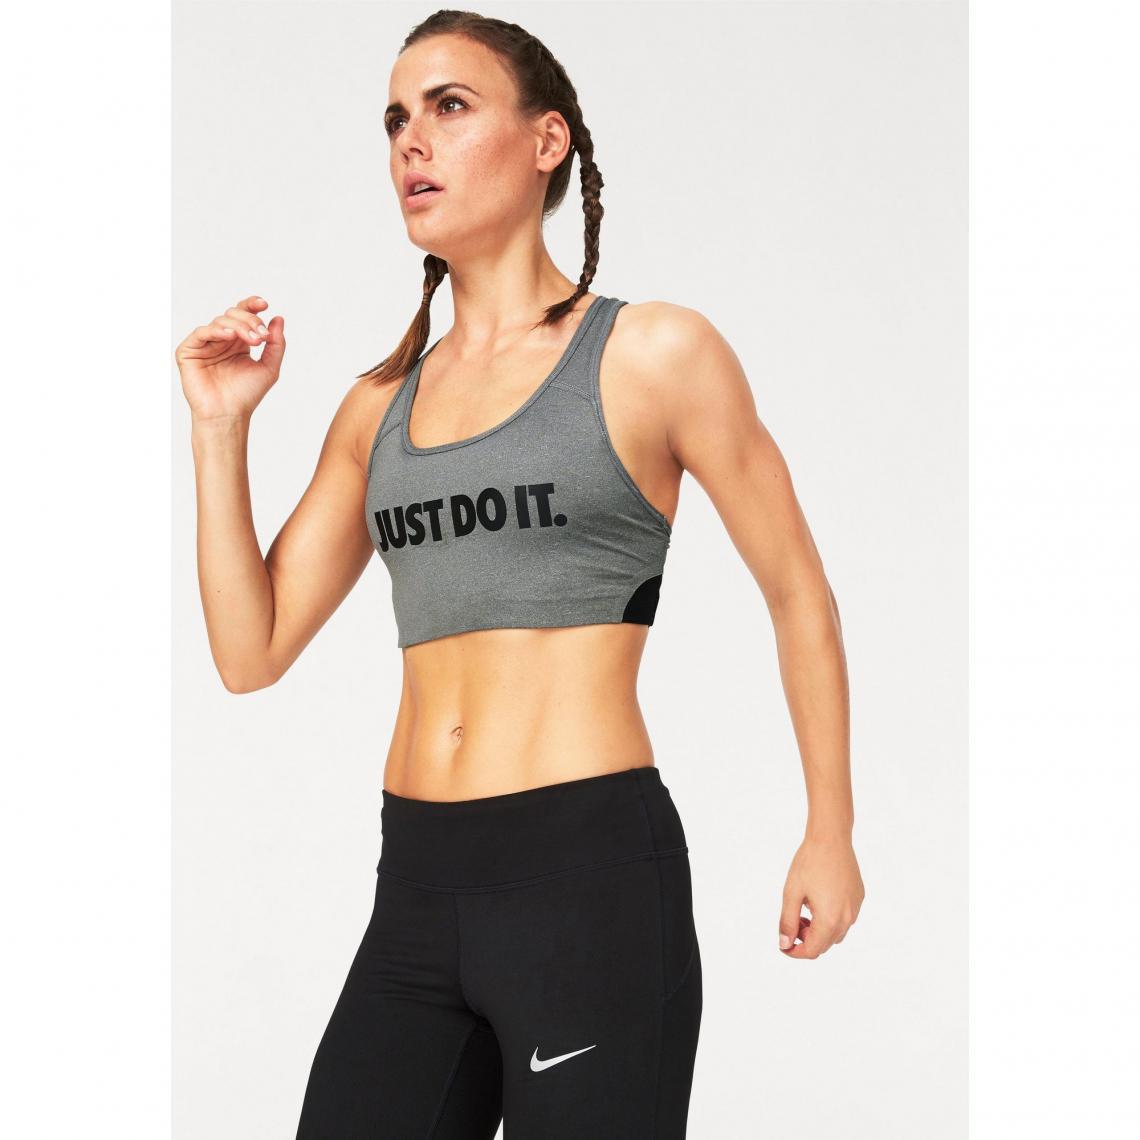 4eea15b8bff9 Brassière de sport femme Pro Classic Swoosh Cooling Bra Nike - Gris Nike  Femme